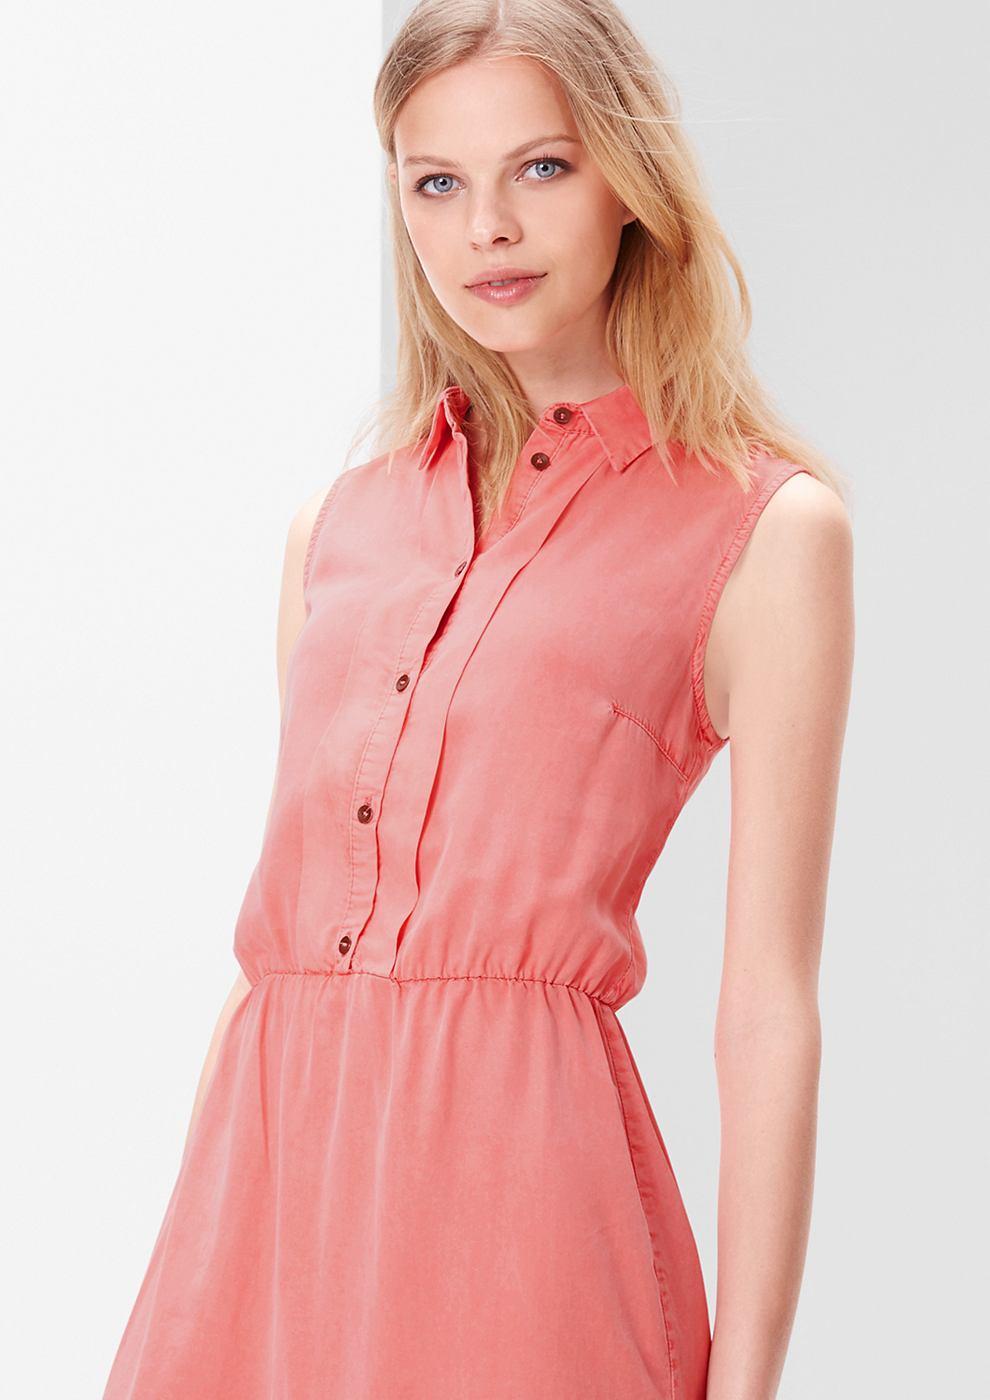 s.Oliver Fluweelzachte jurk met een garment-washed effect rood